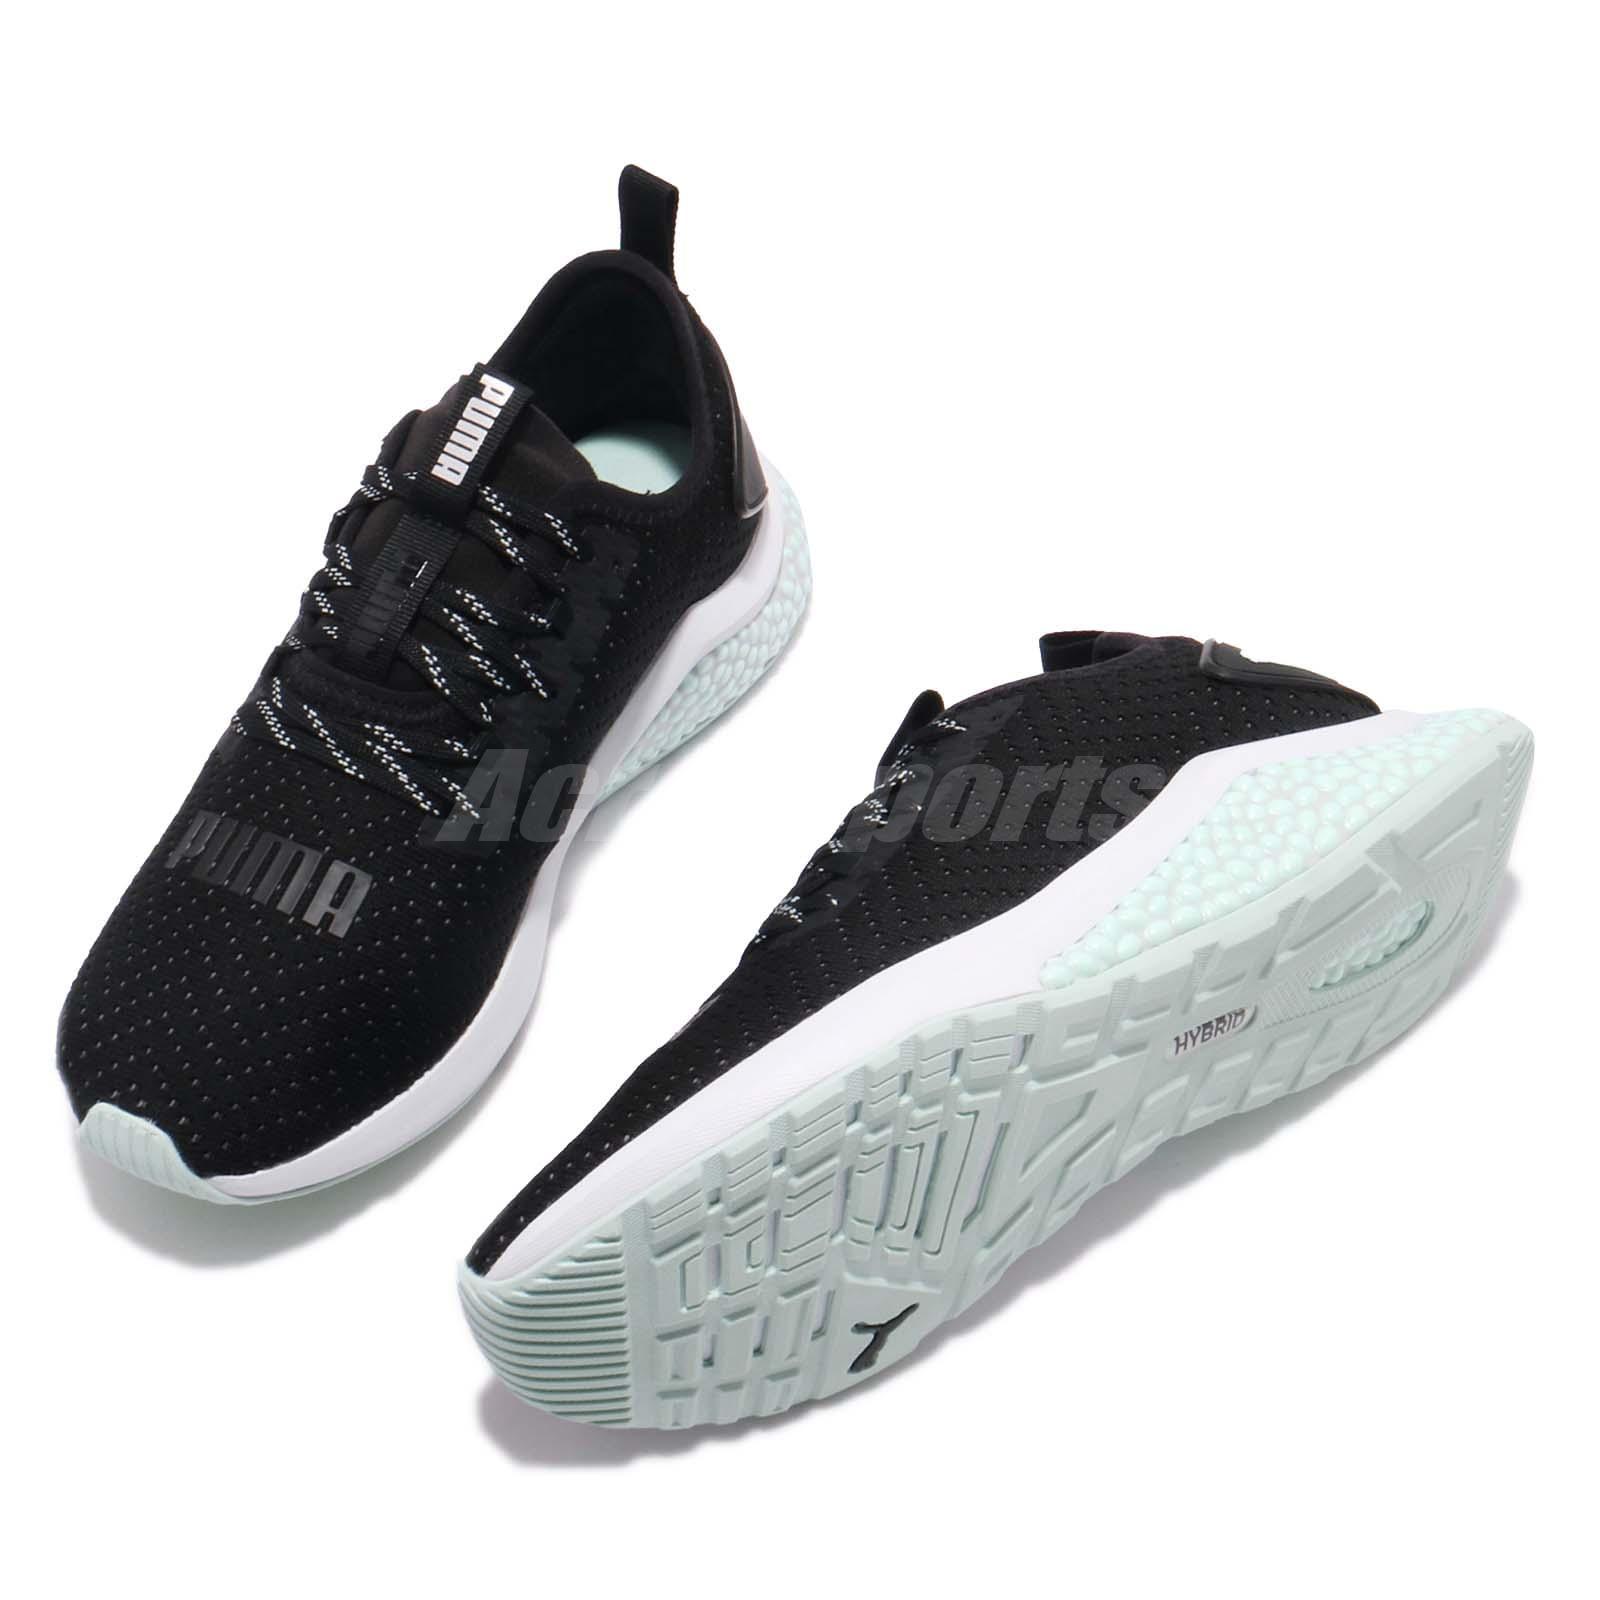 77c9e7c3588 Puma Hybrid NX TZ Wn Black Fair Aqua White Women Running Shoes ...